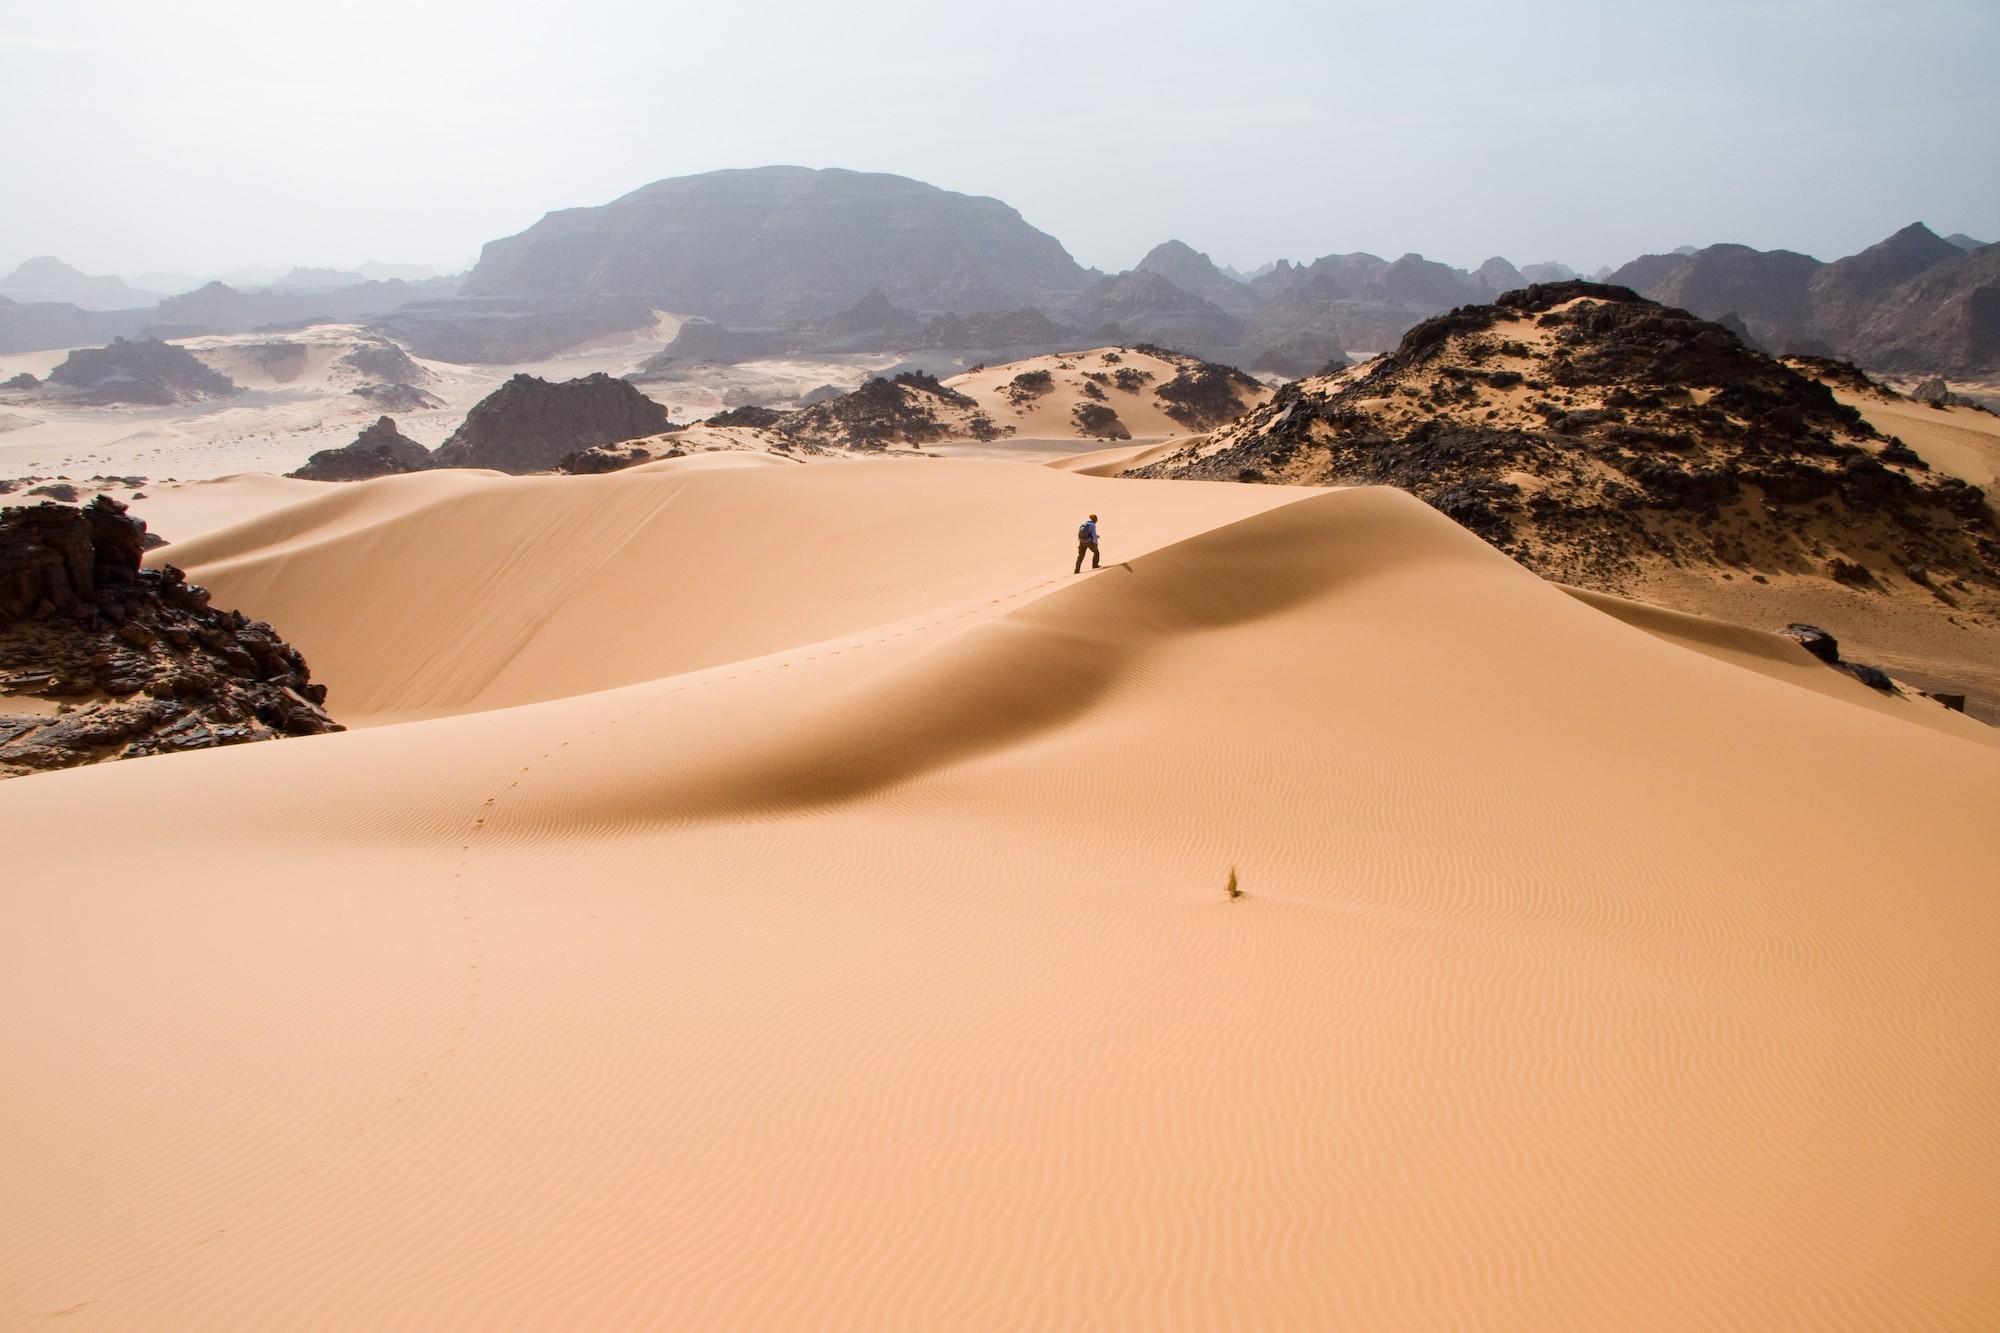 Deserto do Saara (Foto: Wikimedia/I, Luca Galuzzi)